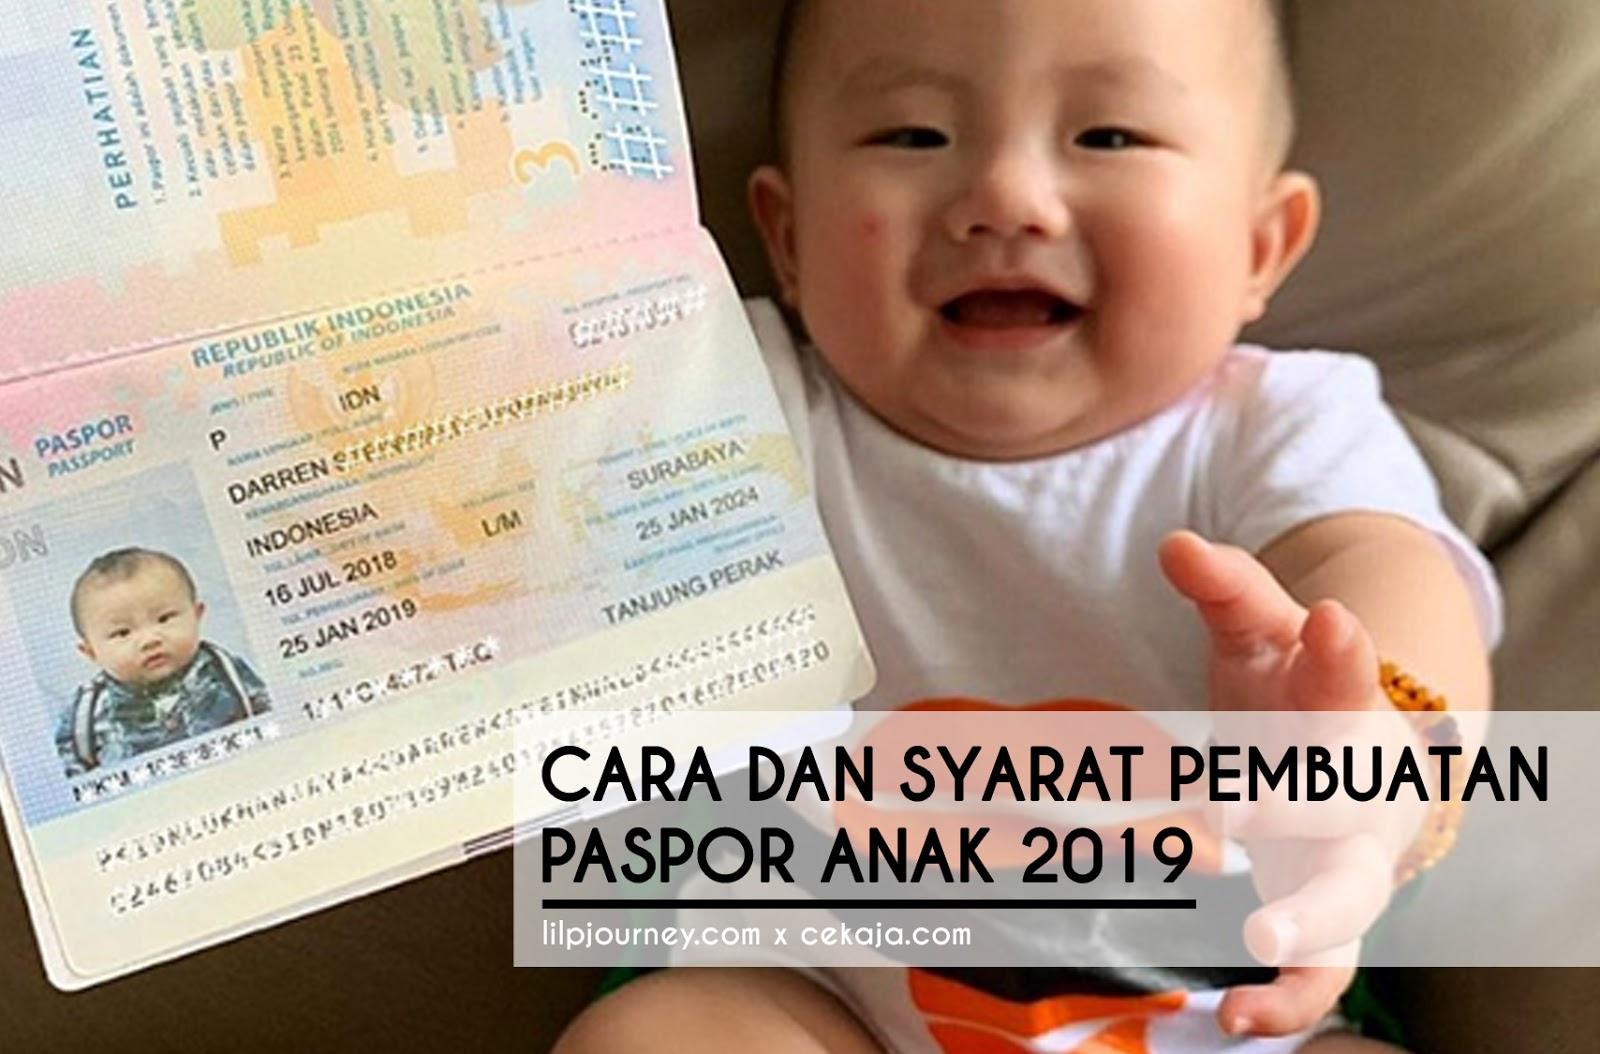 passport anak